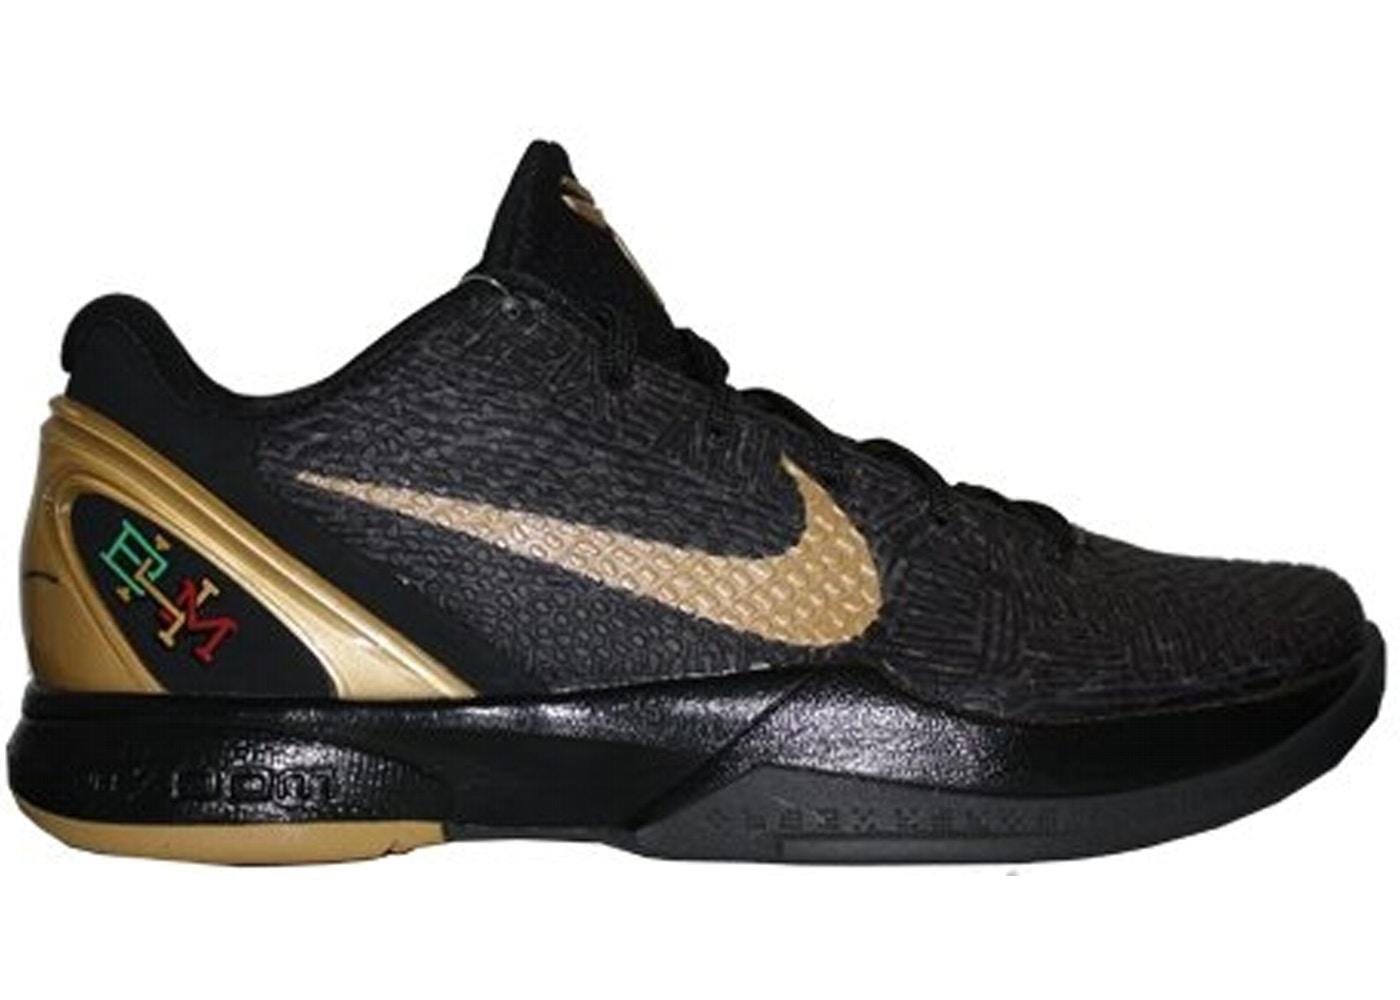 online store 16c50 a5a4d Buy Nike Kobe 6 Shoes  Deadstock Sneakers